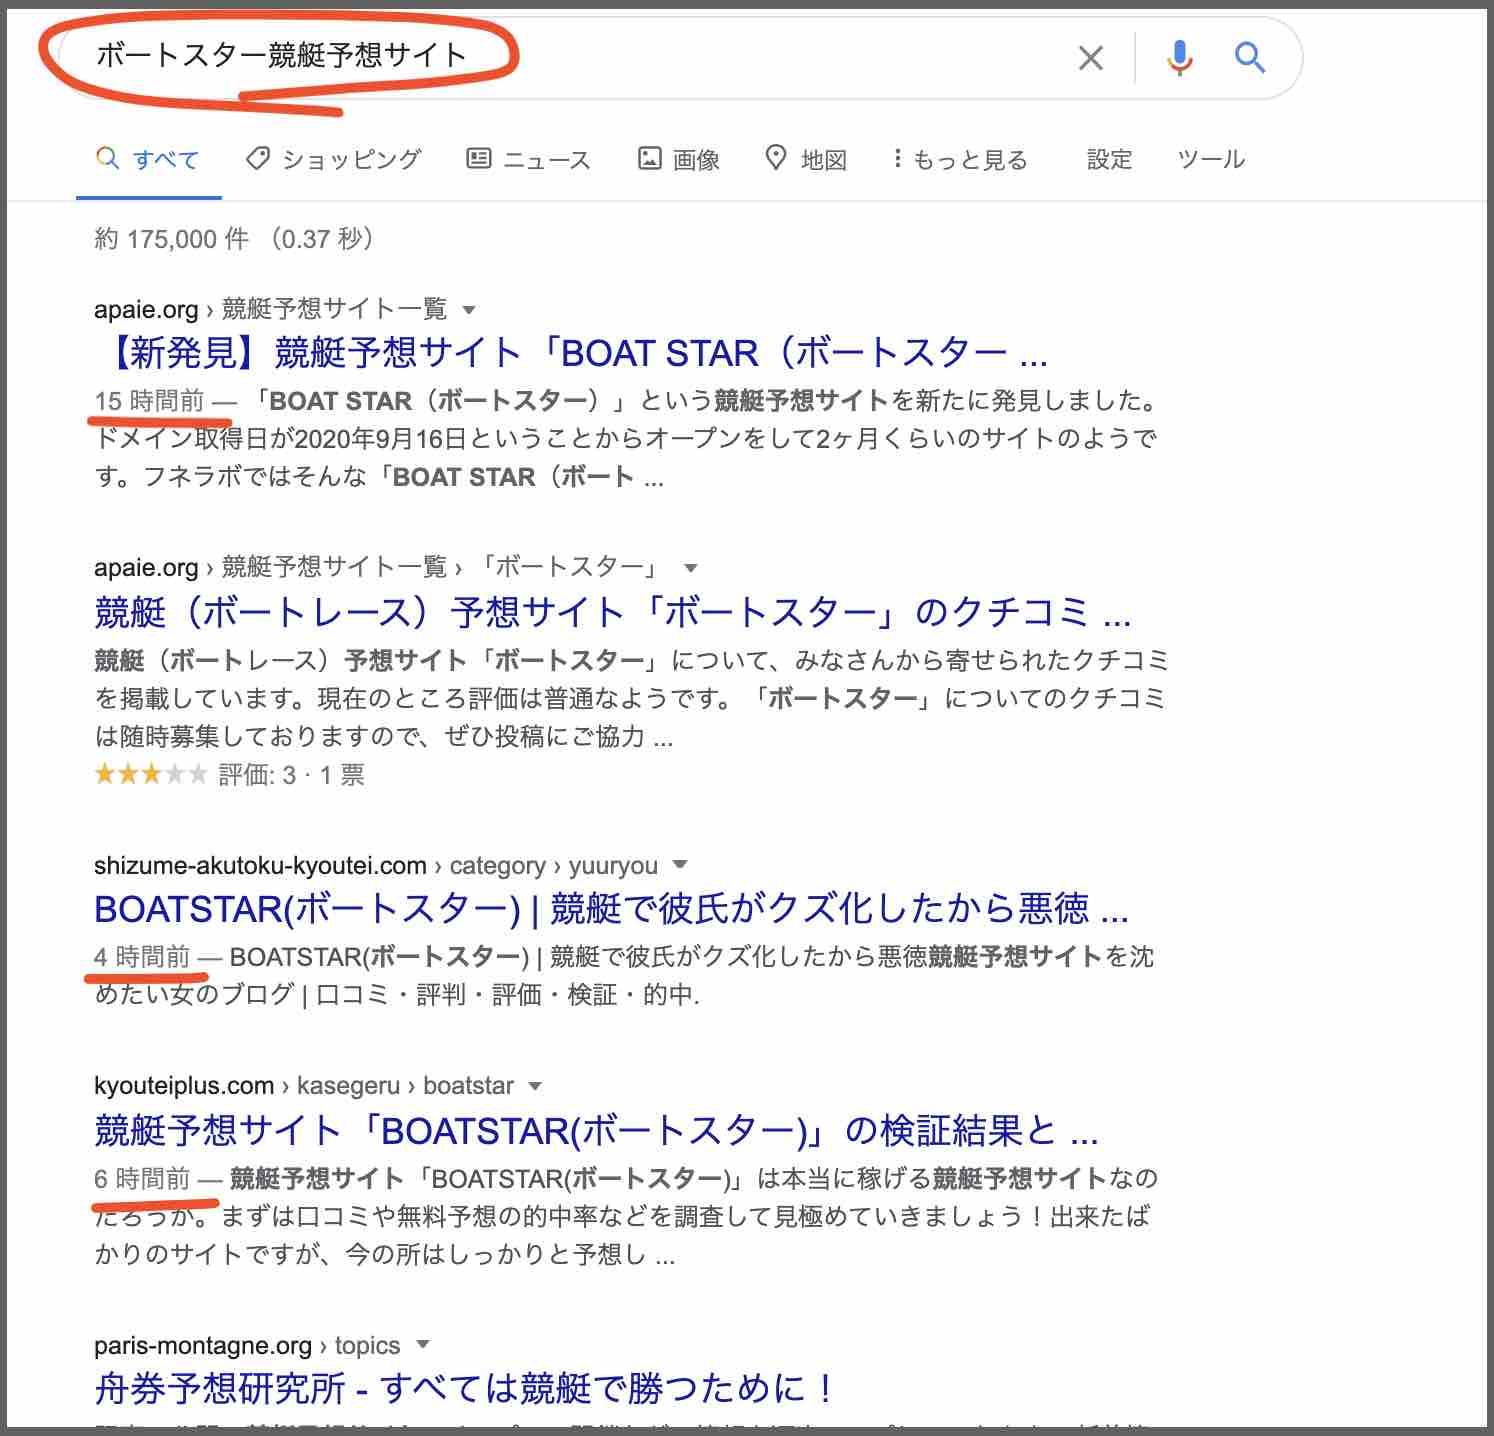 ボートスターという競艇予想サイト(ボートレース予想サイト)の情報検索